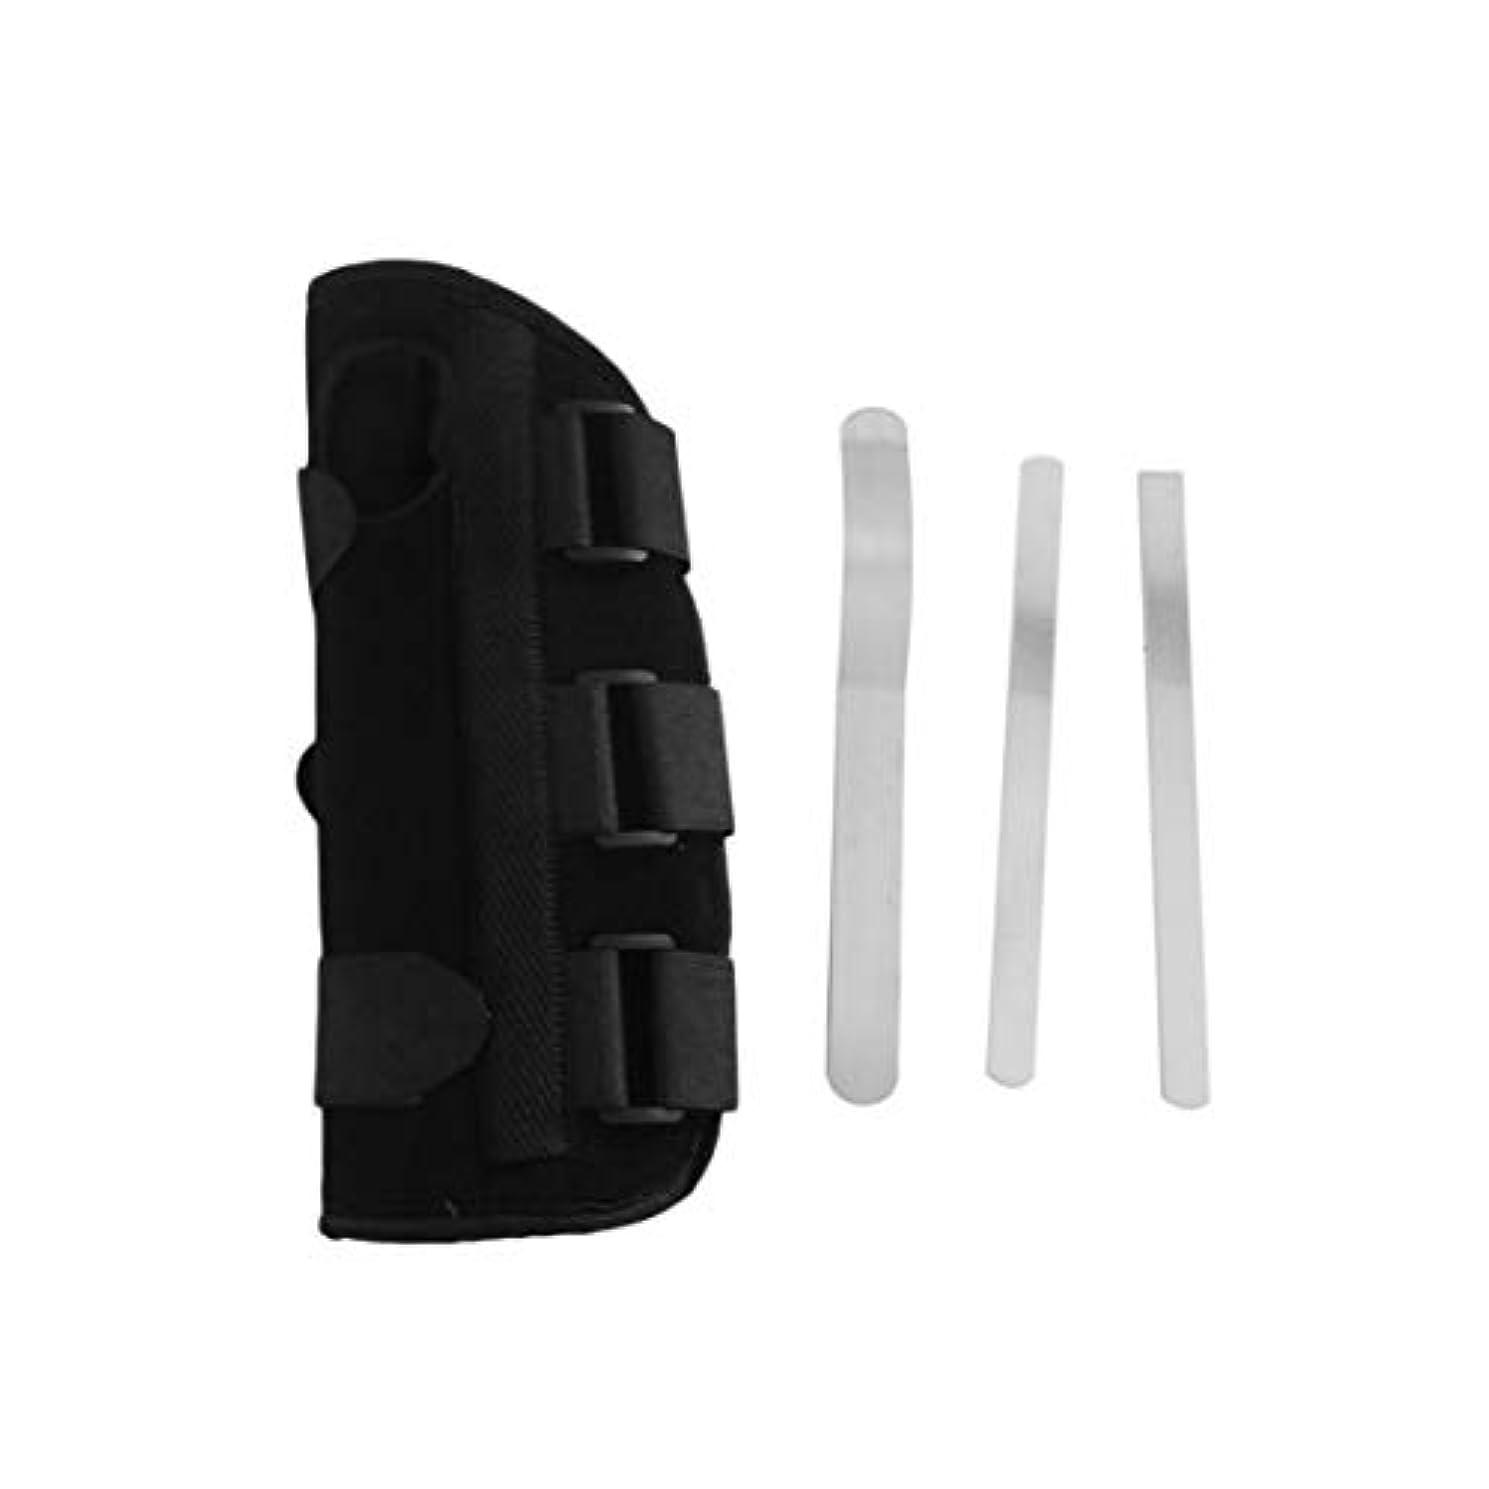 矢じり泥沼ぐるぐる手首副木ブレース保護サポートストラップカルペルトンネルCTS RSI痛み軽減取り外し可能な副木快適な軽量ストラップ - ブラックS